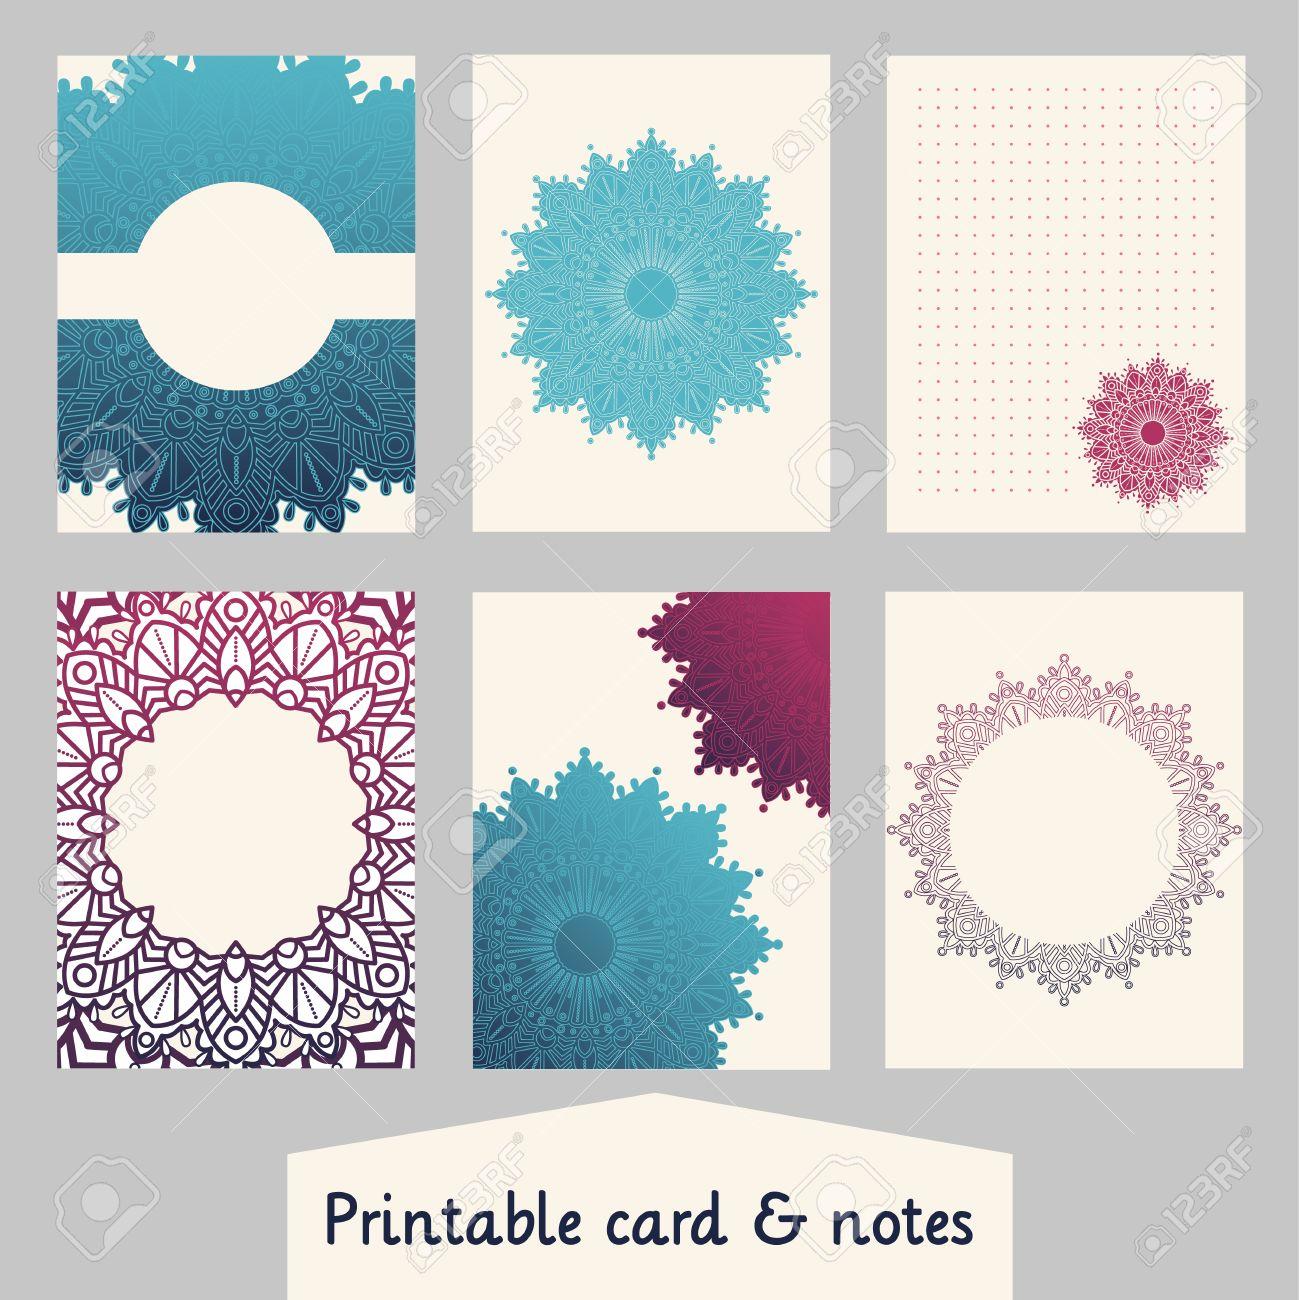 Conjunto De Tarjetas Creativas Con El Diseño De Mandalas. Plantilla ...